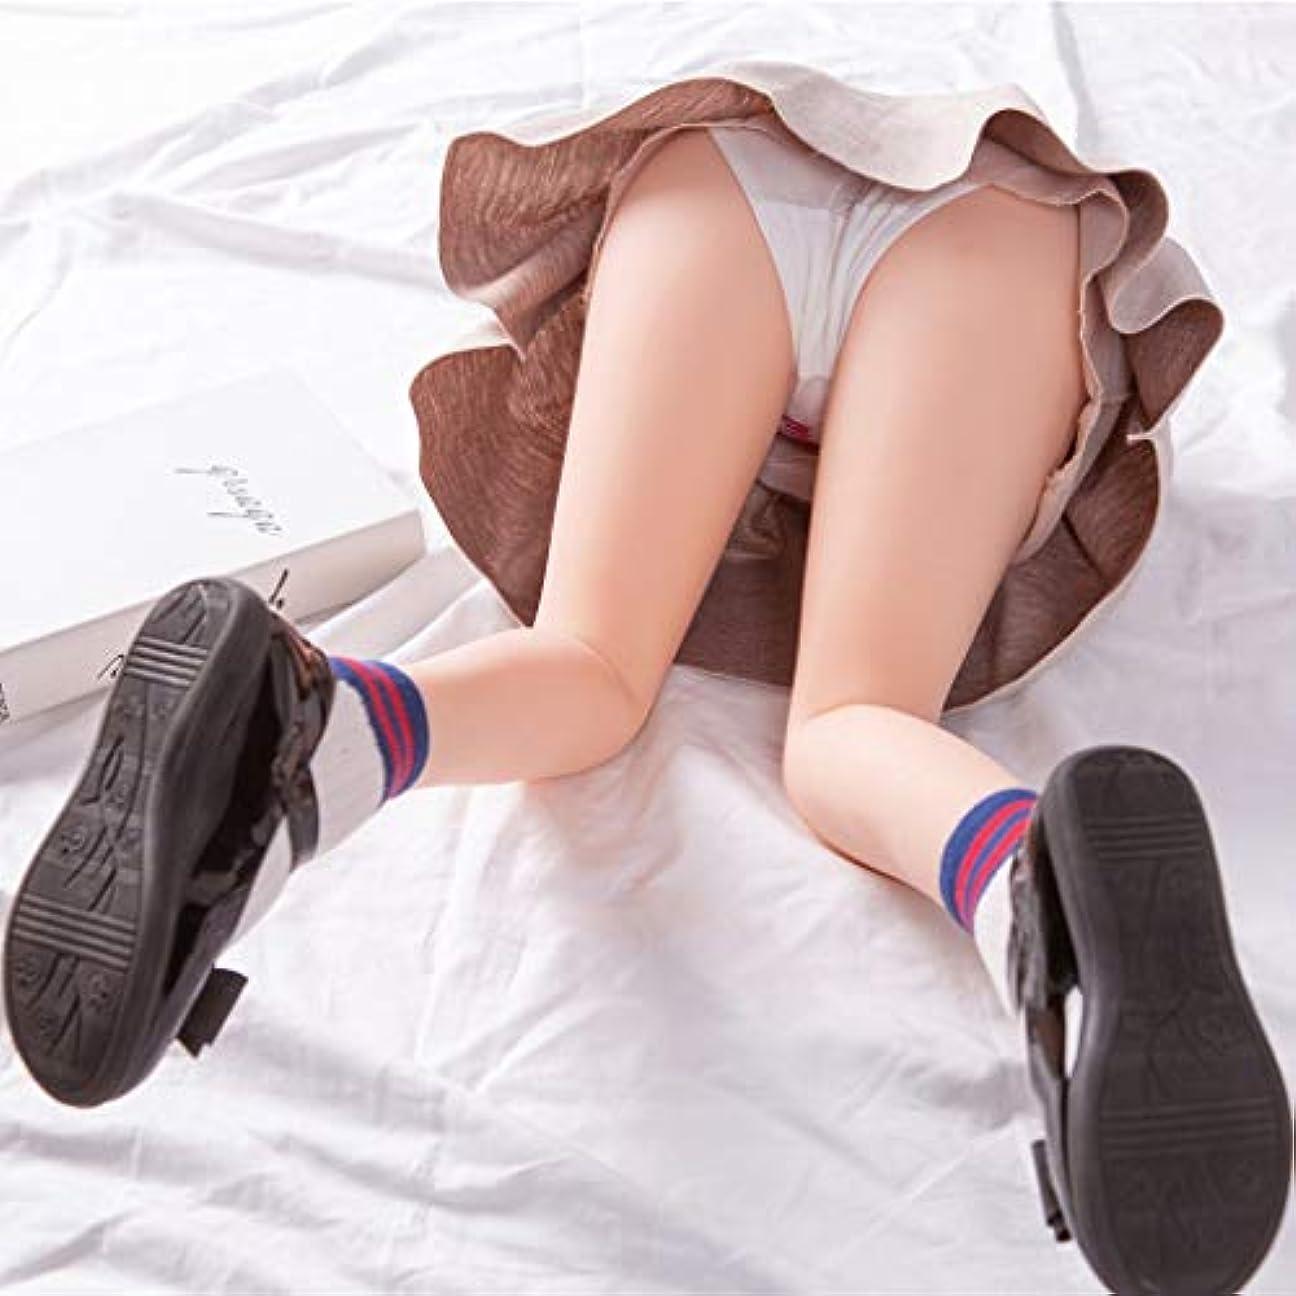 マーティンルーサーキングジュニア同性愛者独立した男性のための現実的なポケットP`üššýes胸、内蔵のスケルトンライフサイズと大人のおもちゃ、フルサイズの女性トルソー2つの穴と、男性セルフプレイのための無料ハンズ (Size : 60cm)